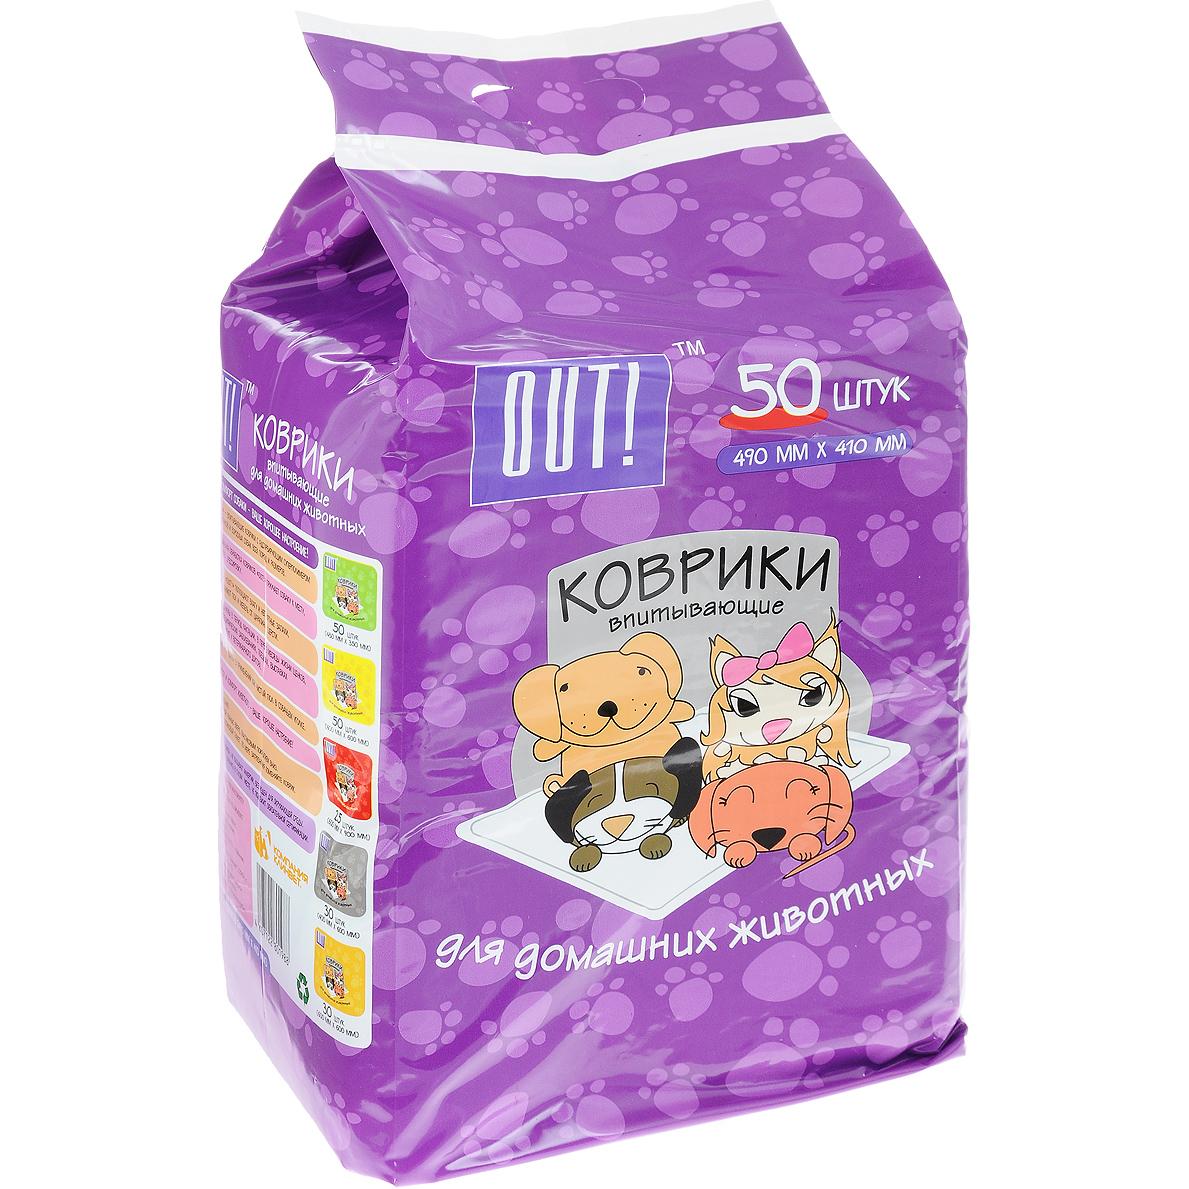 Купить Коврики для домашних животных OUT! Защитные 49х41 см 50 шт, коврик, полиэтилен, целлюлоза